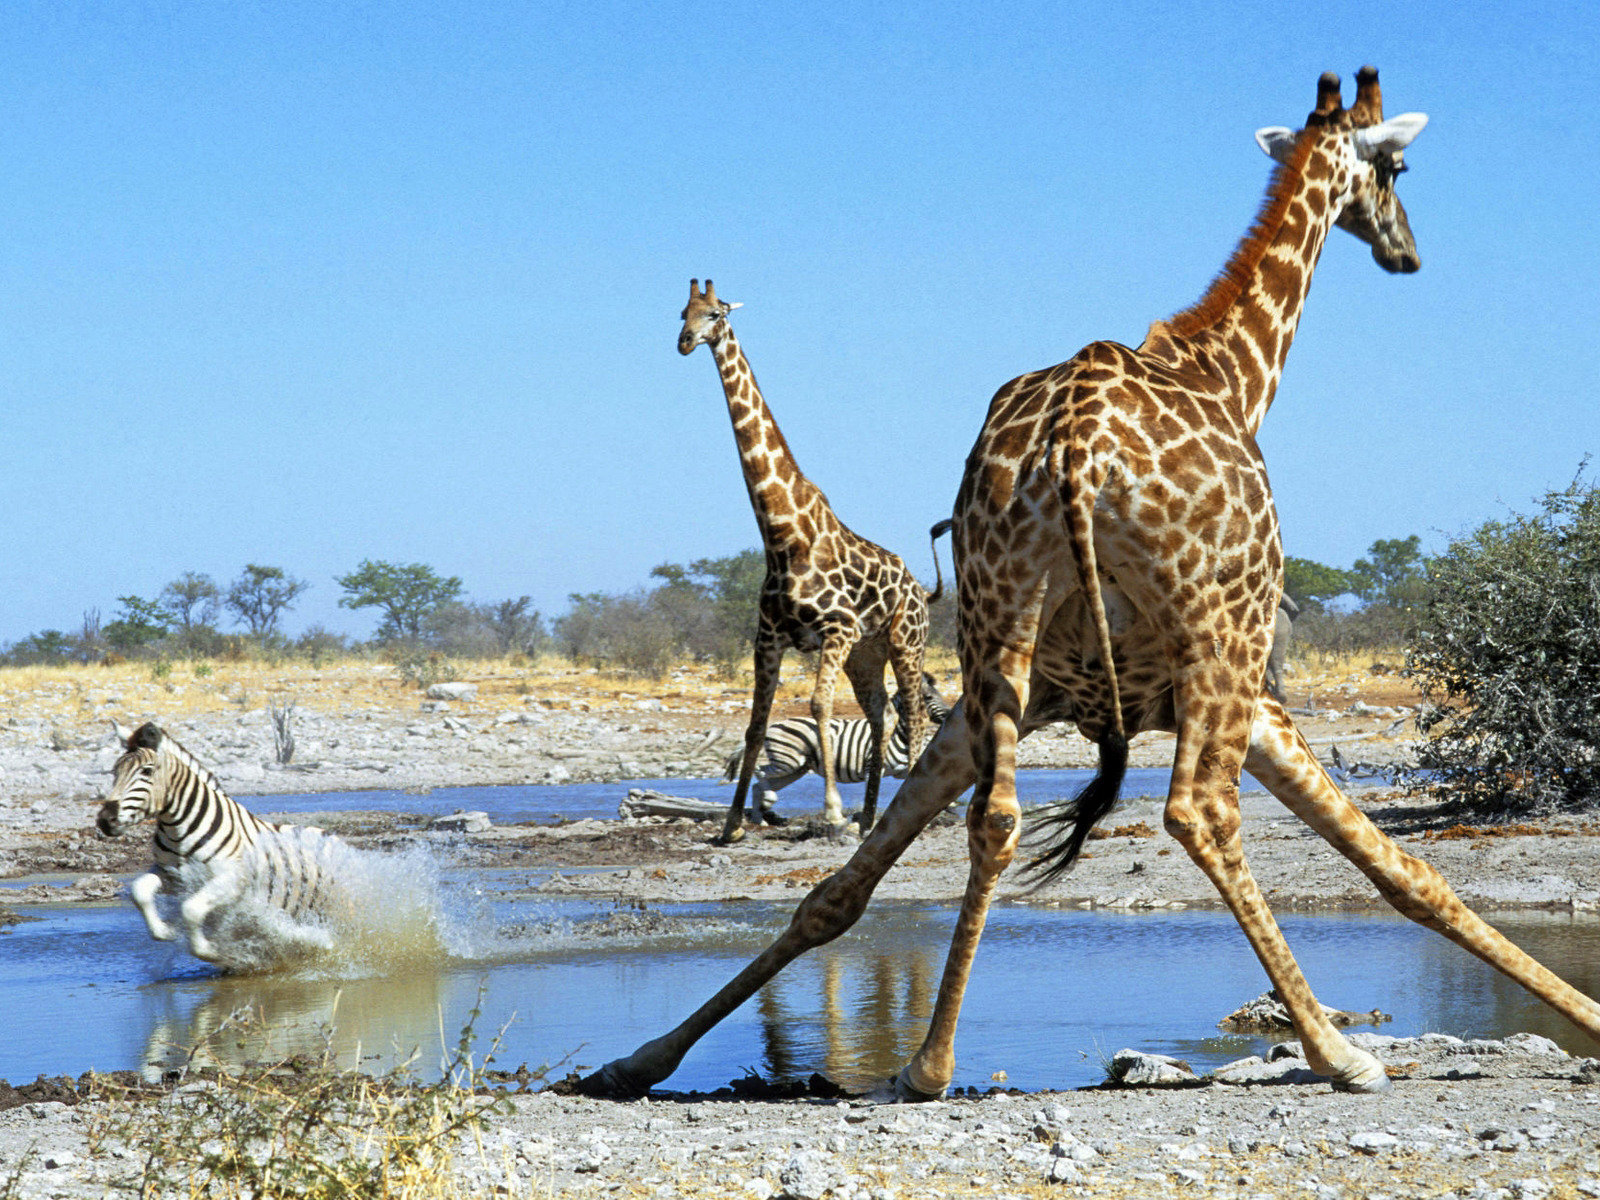 Thirsty Giraffes, Etosha National Park, Namibia  № 1442820 загрузить